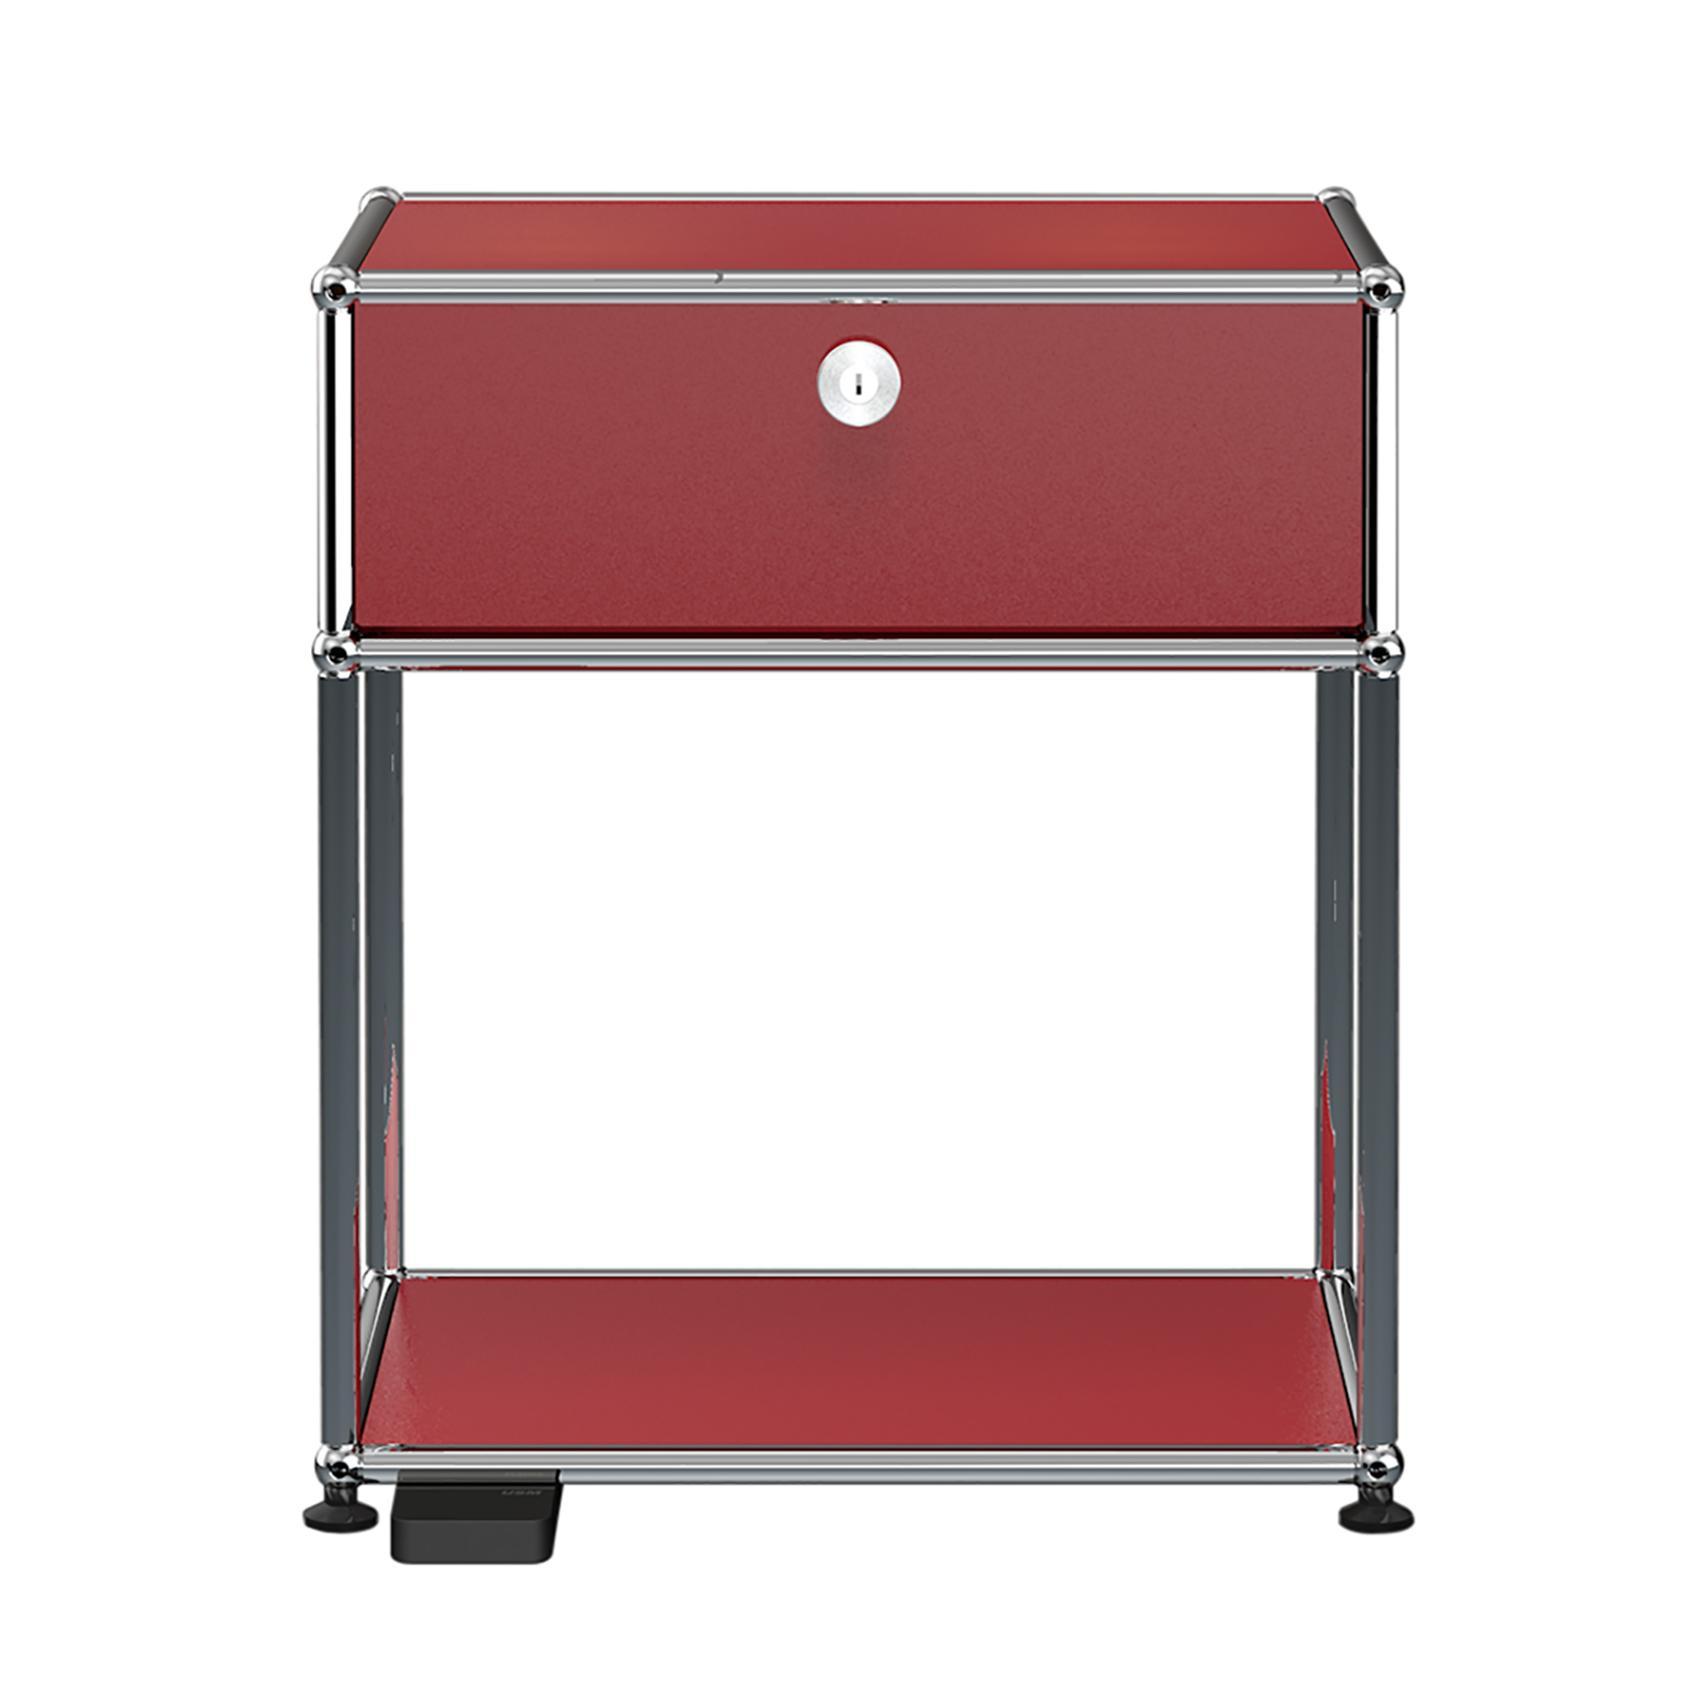 USM E Nachttisch mit dimmbarem Licht - USM rubinrot/mit einer Klapptür/mit dimmbarem Licht | Schlafzimmer > Nachttische | Usm rubinrot | Stahl verchromt | USM